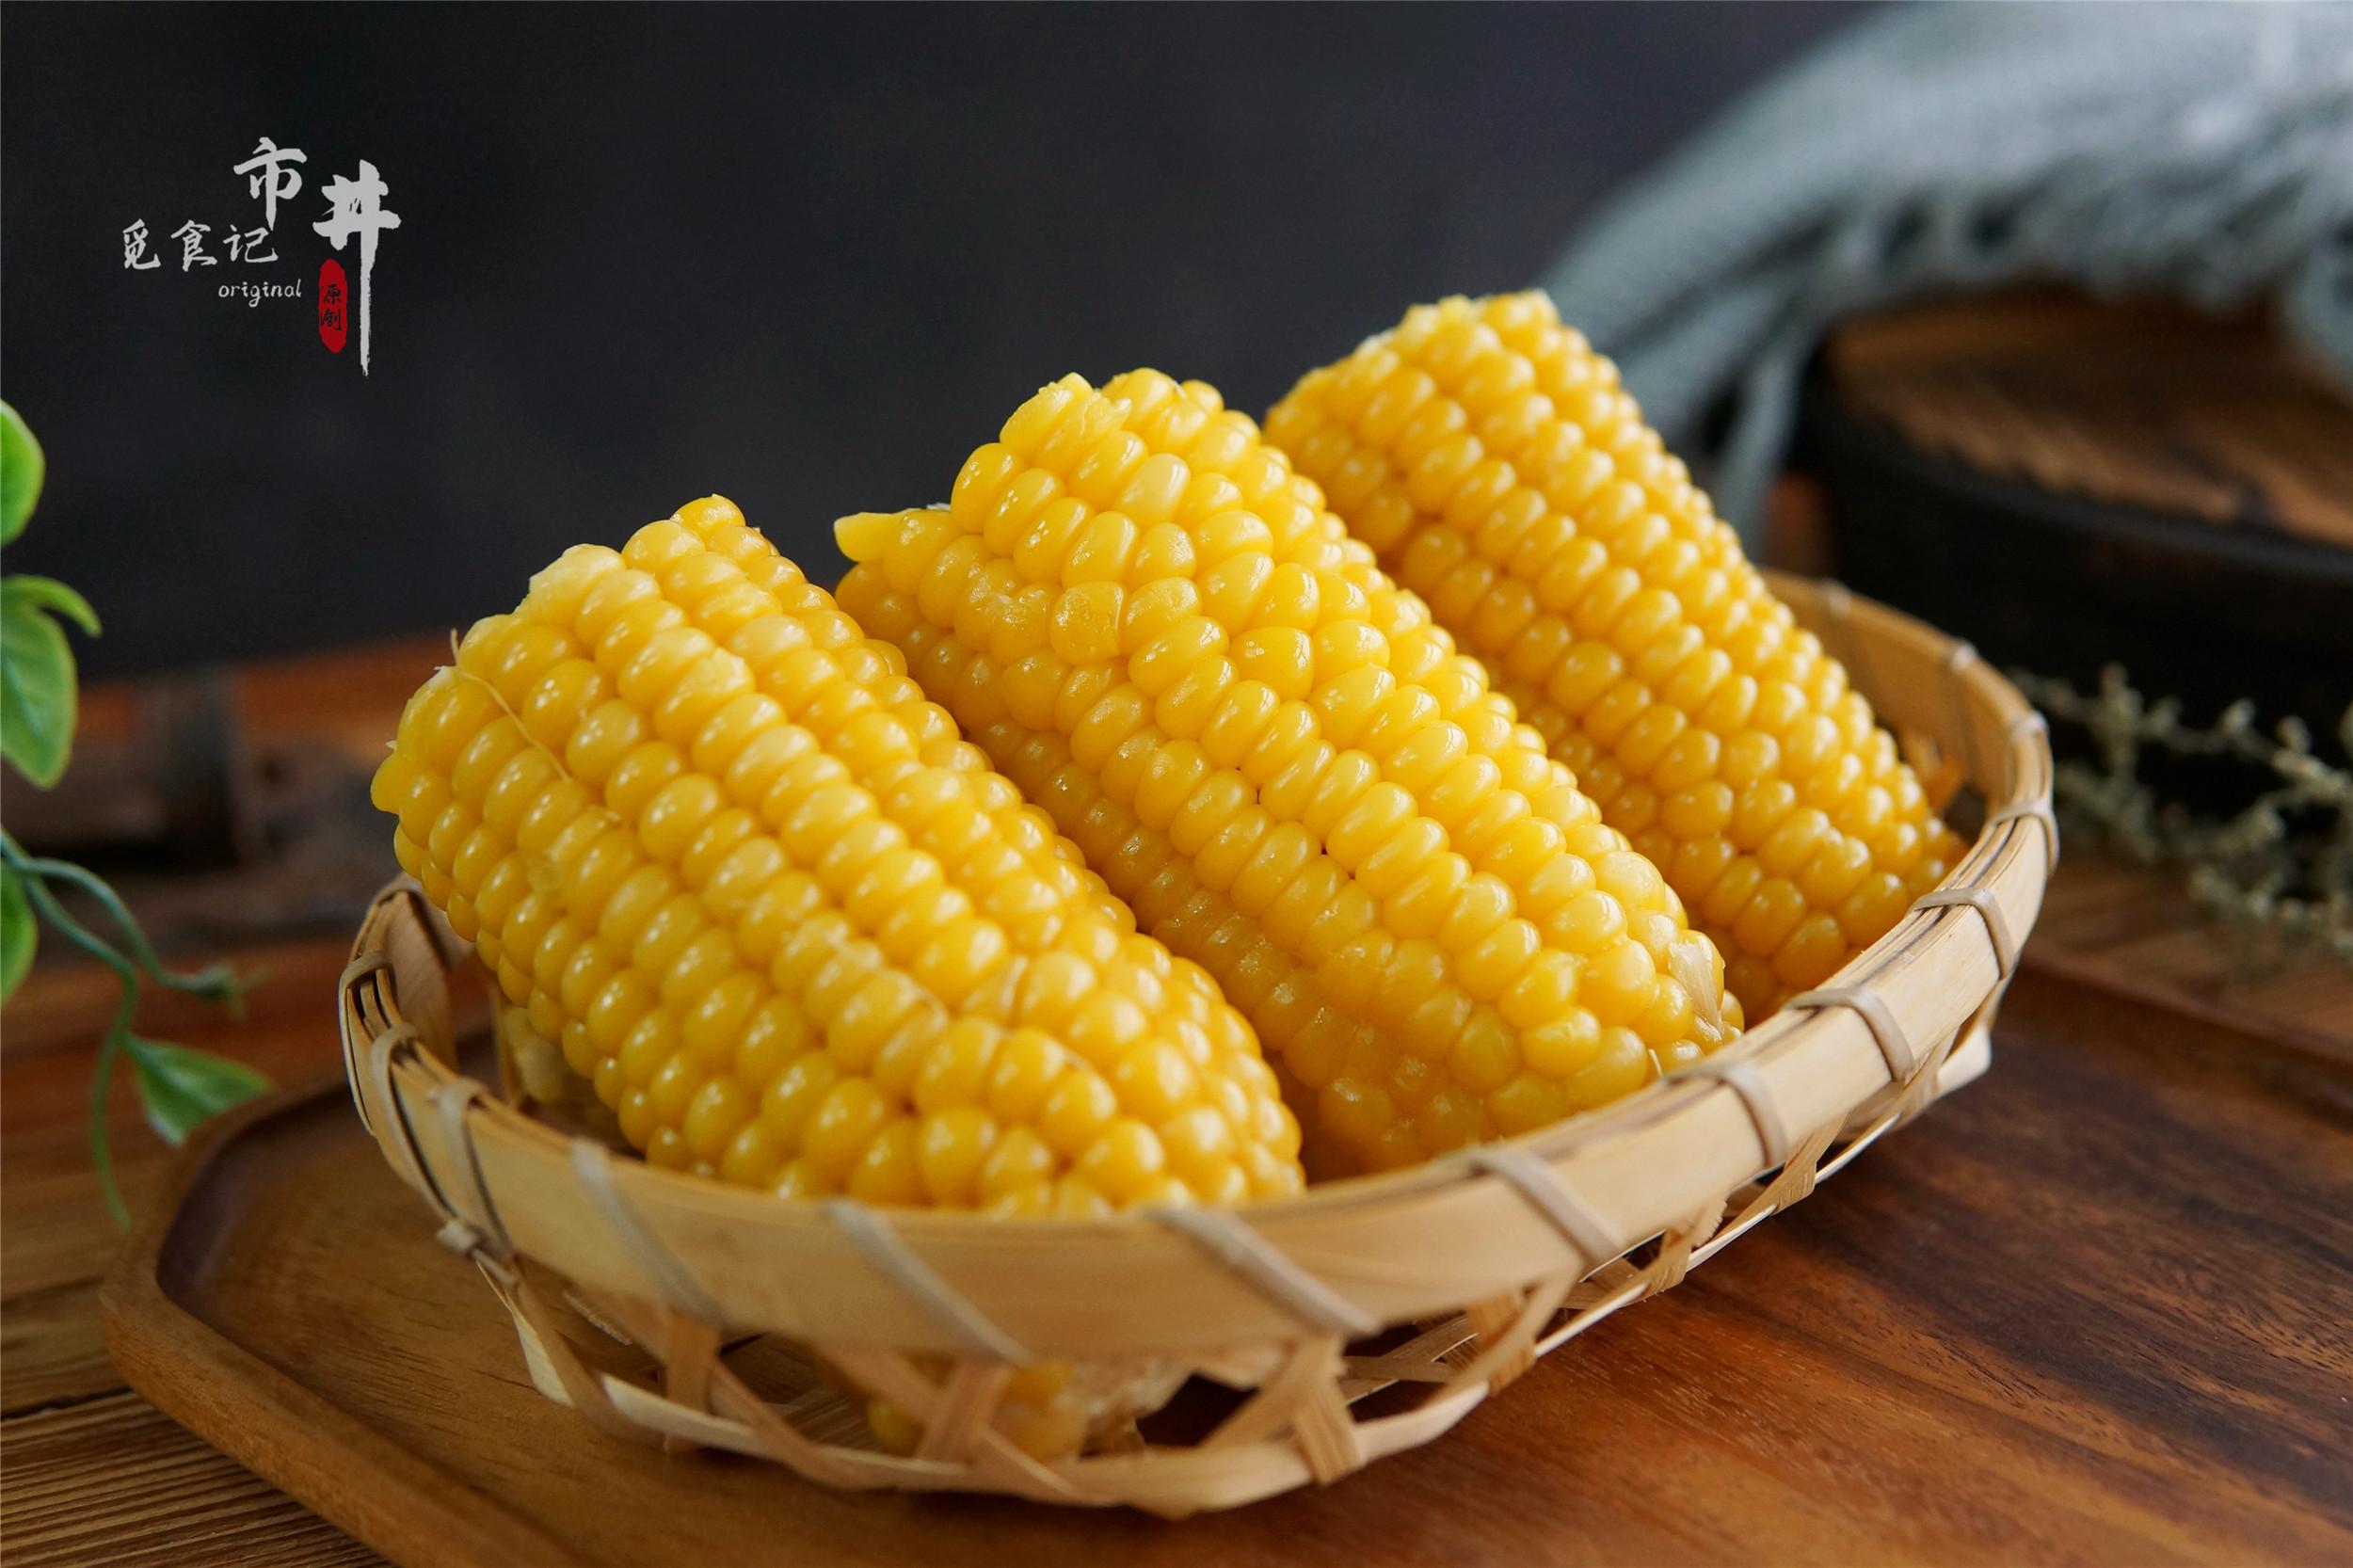 冬天煮玉米,别只会用清水,多加几样料,玉米不老不硬,软糯香甜